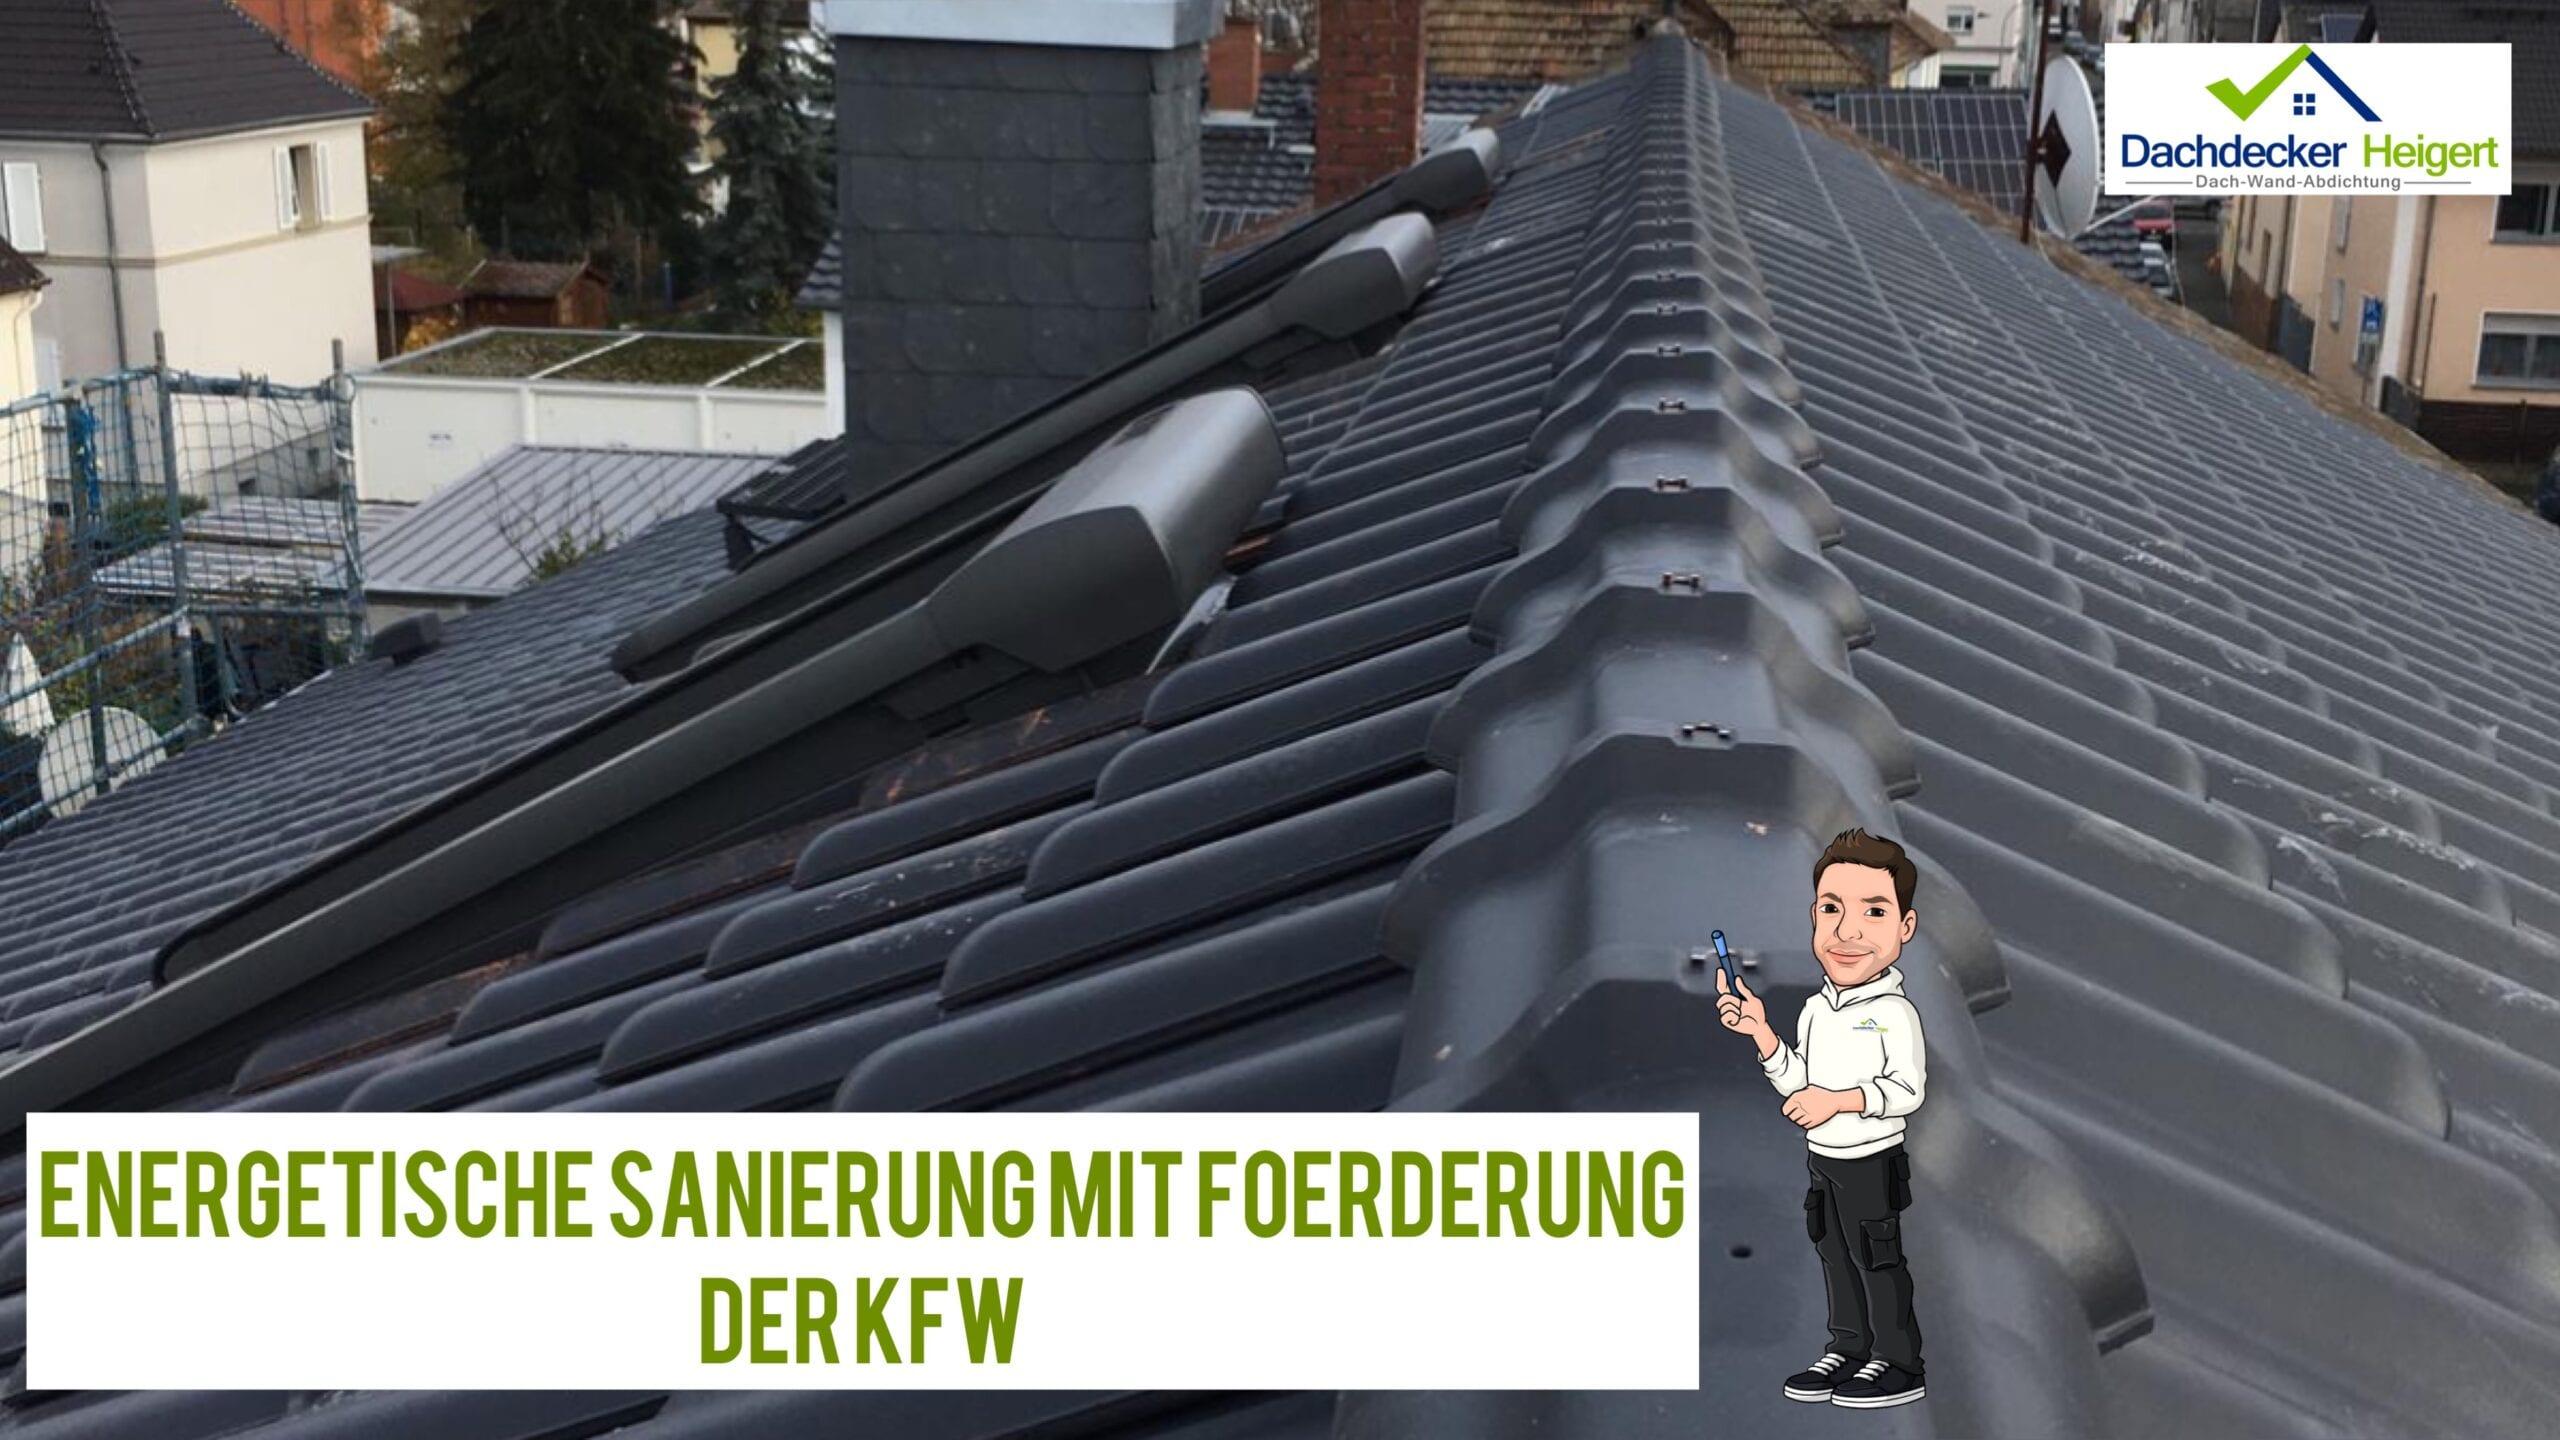 Energetische Sanierung mit Förderung der KFW